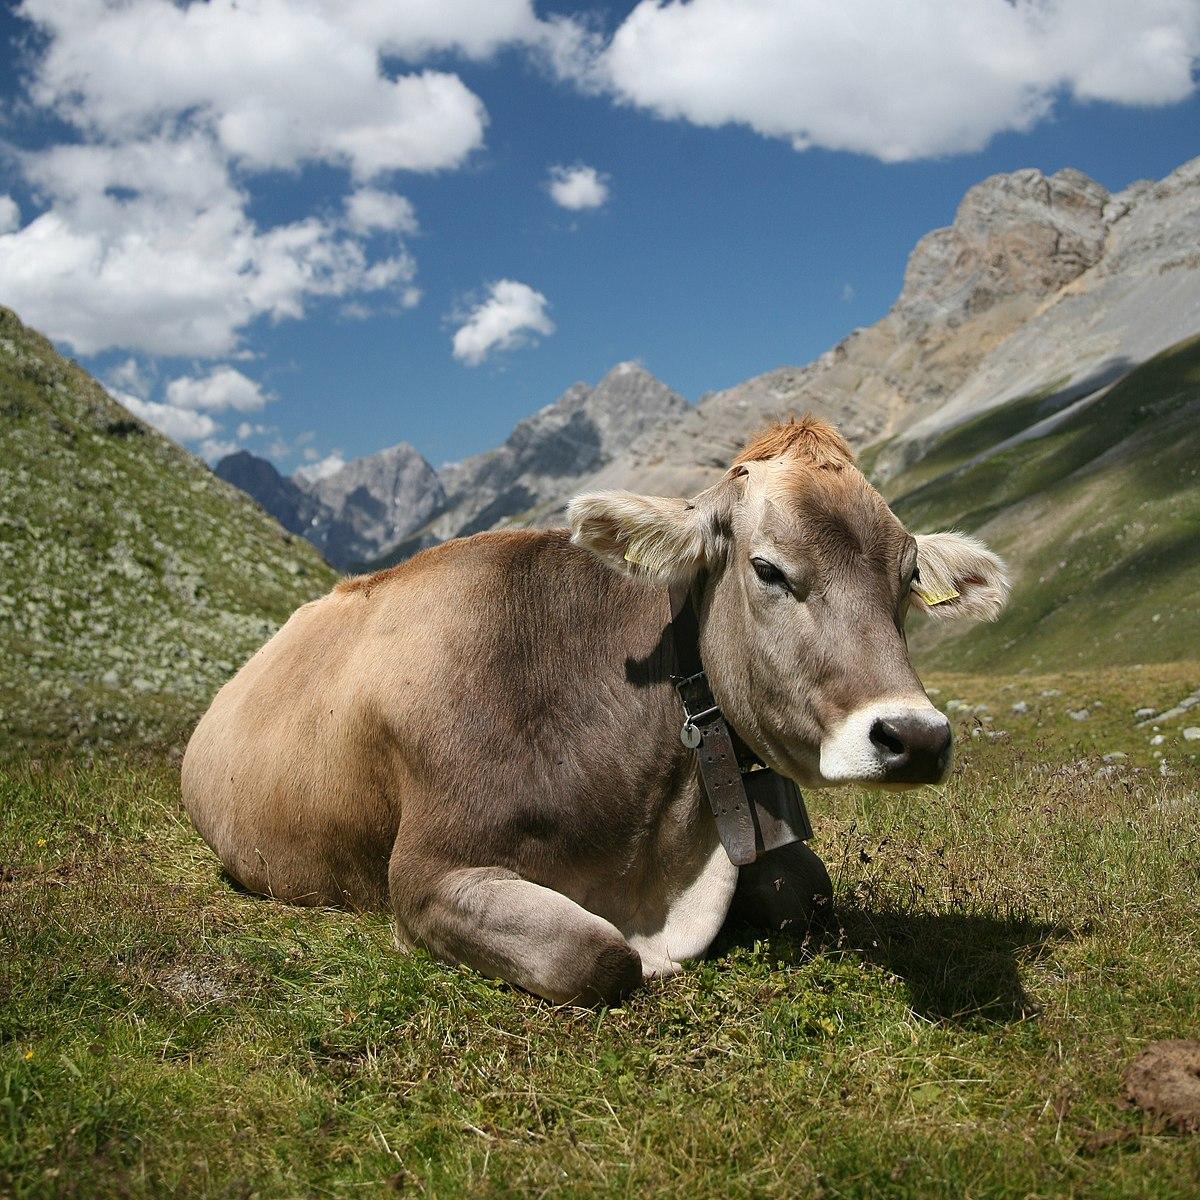 infecții cu helmint la bovine